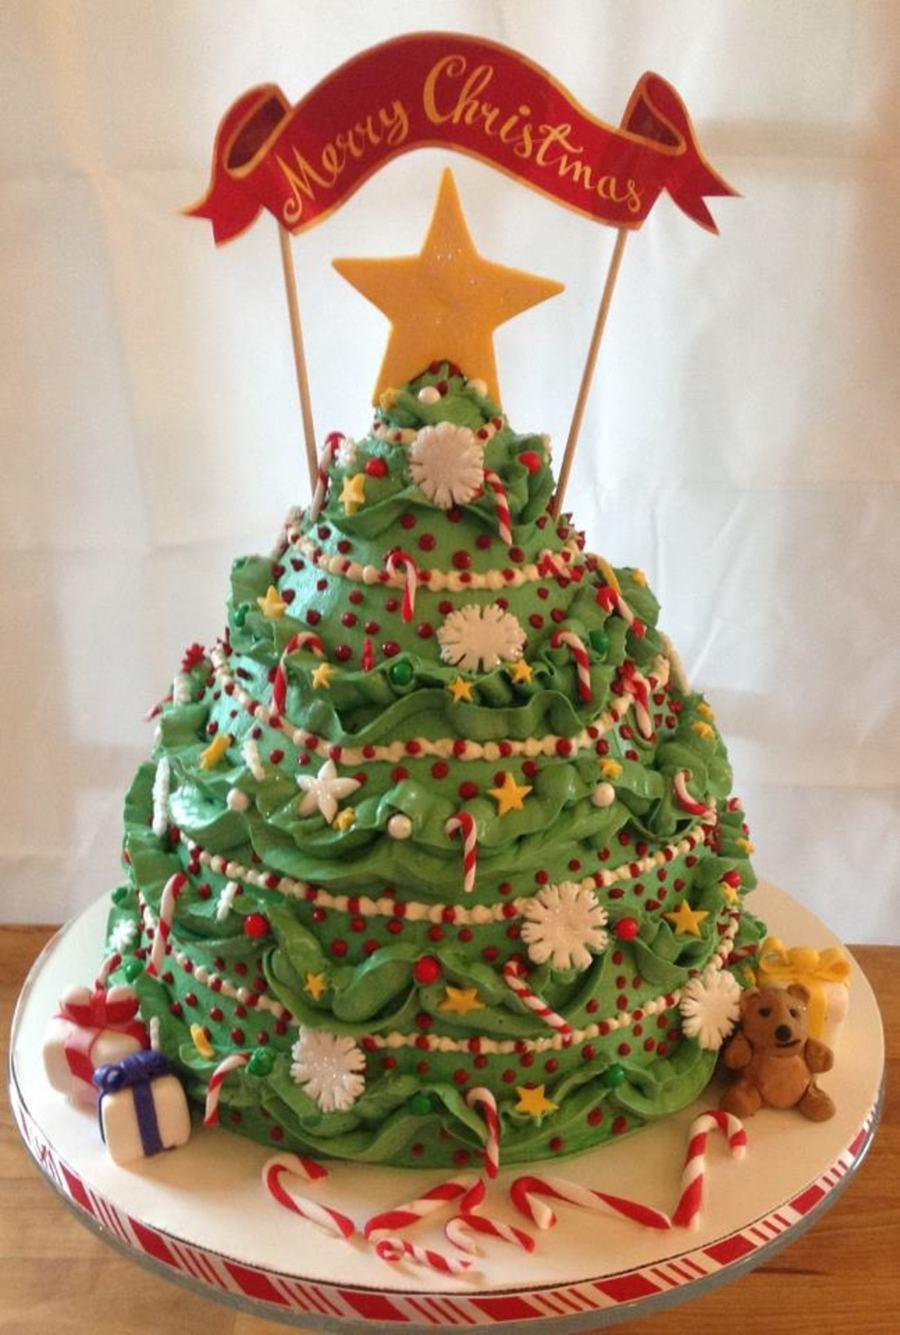 Make Christmas Tree Cake Decoration : Christmas Tree - CakeCentral.com